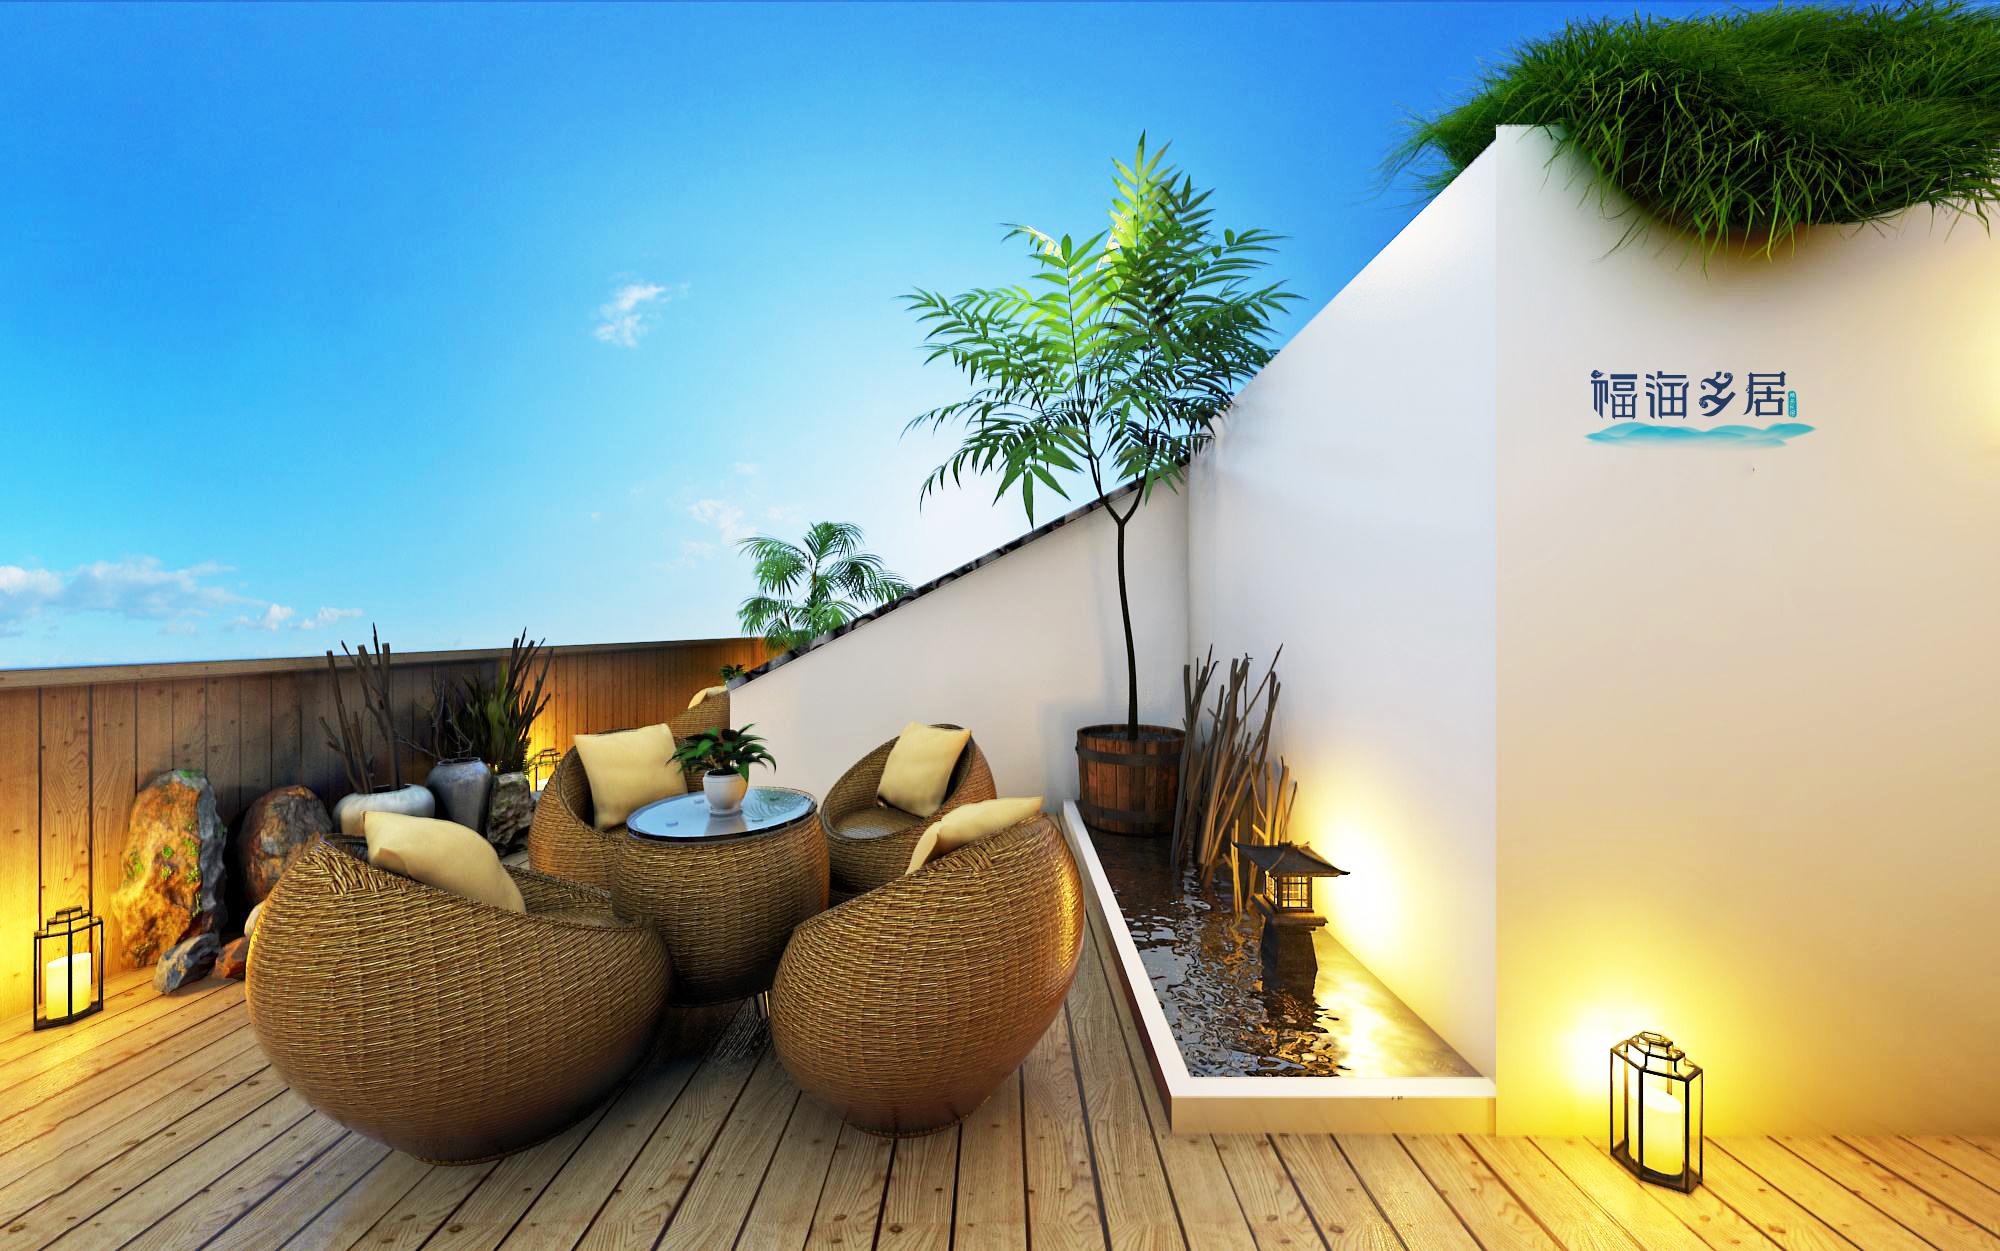 青岛品牌策划公司、青岛营销策划公司、青岛广告公司、青岛设计公司、民宿行业-福海乡居-LOGO设计